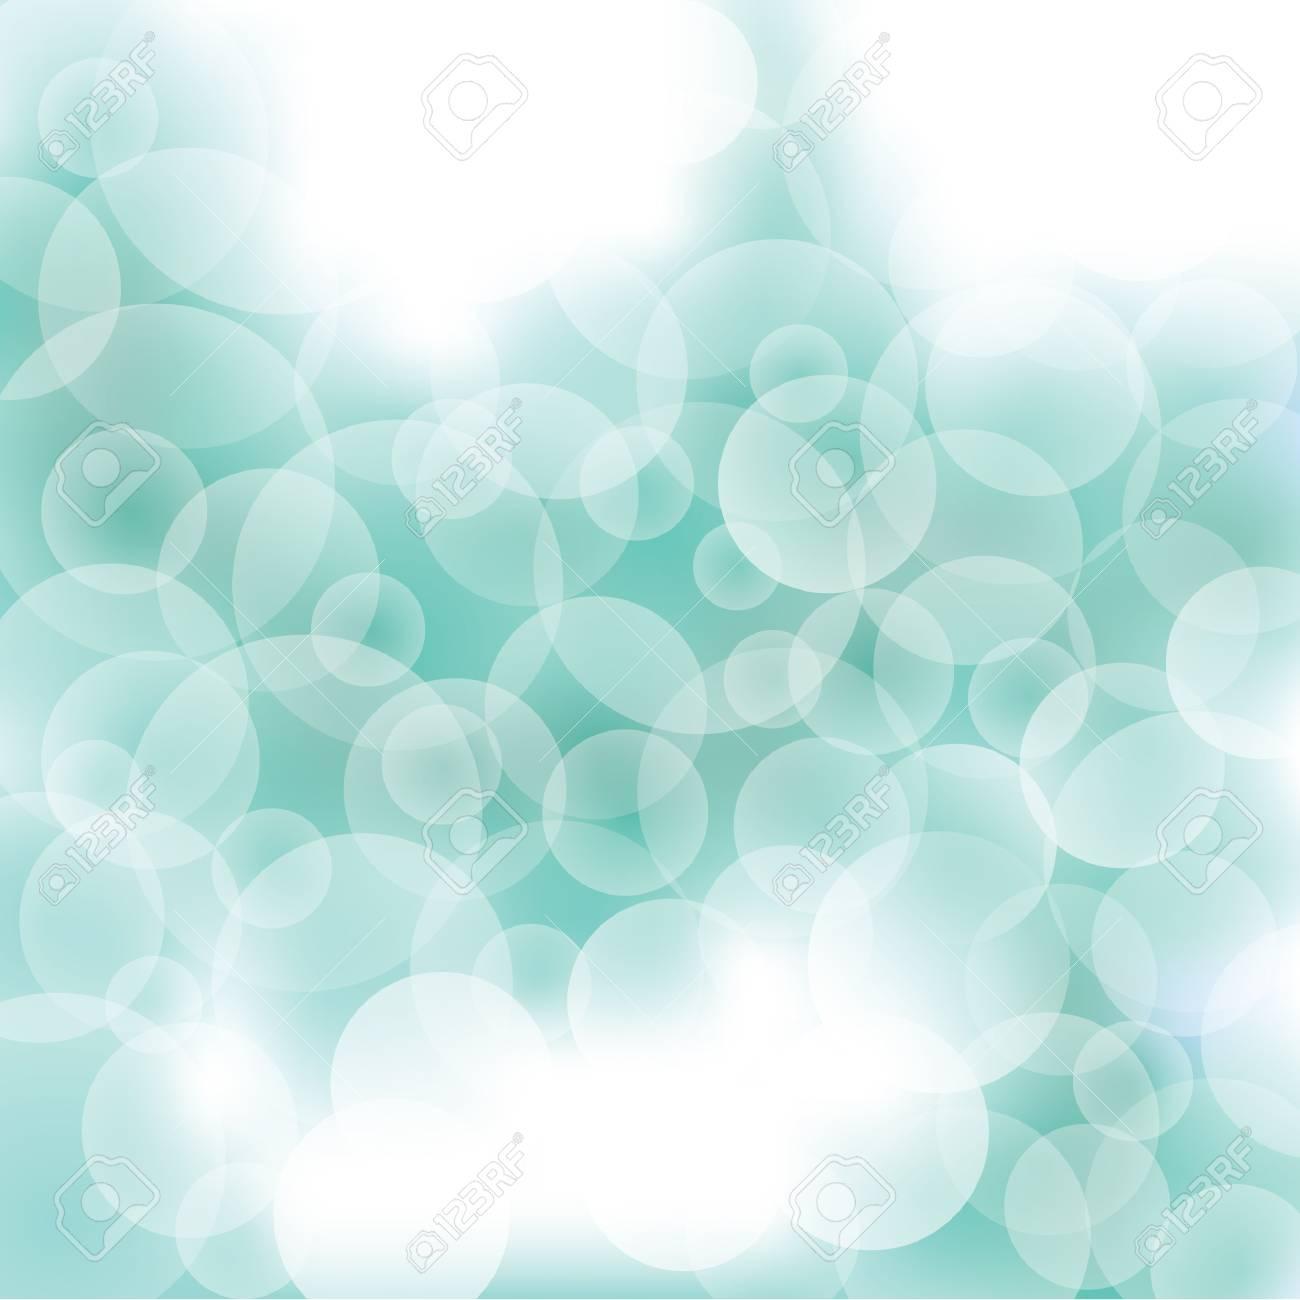 bubbles background - 106675169